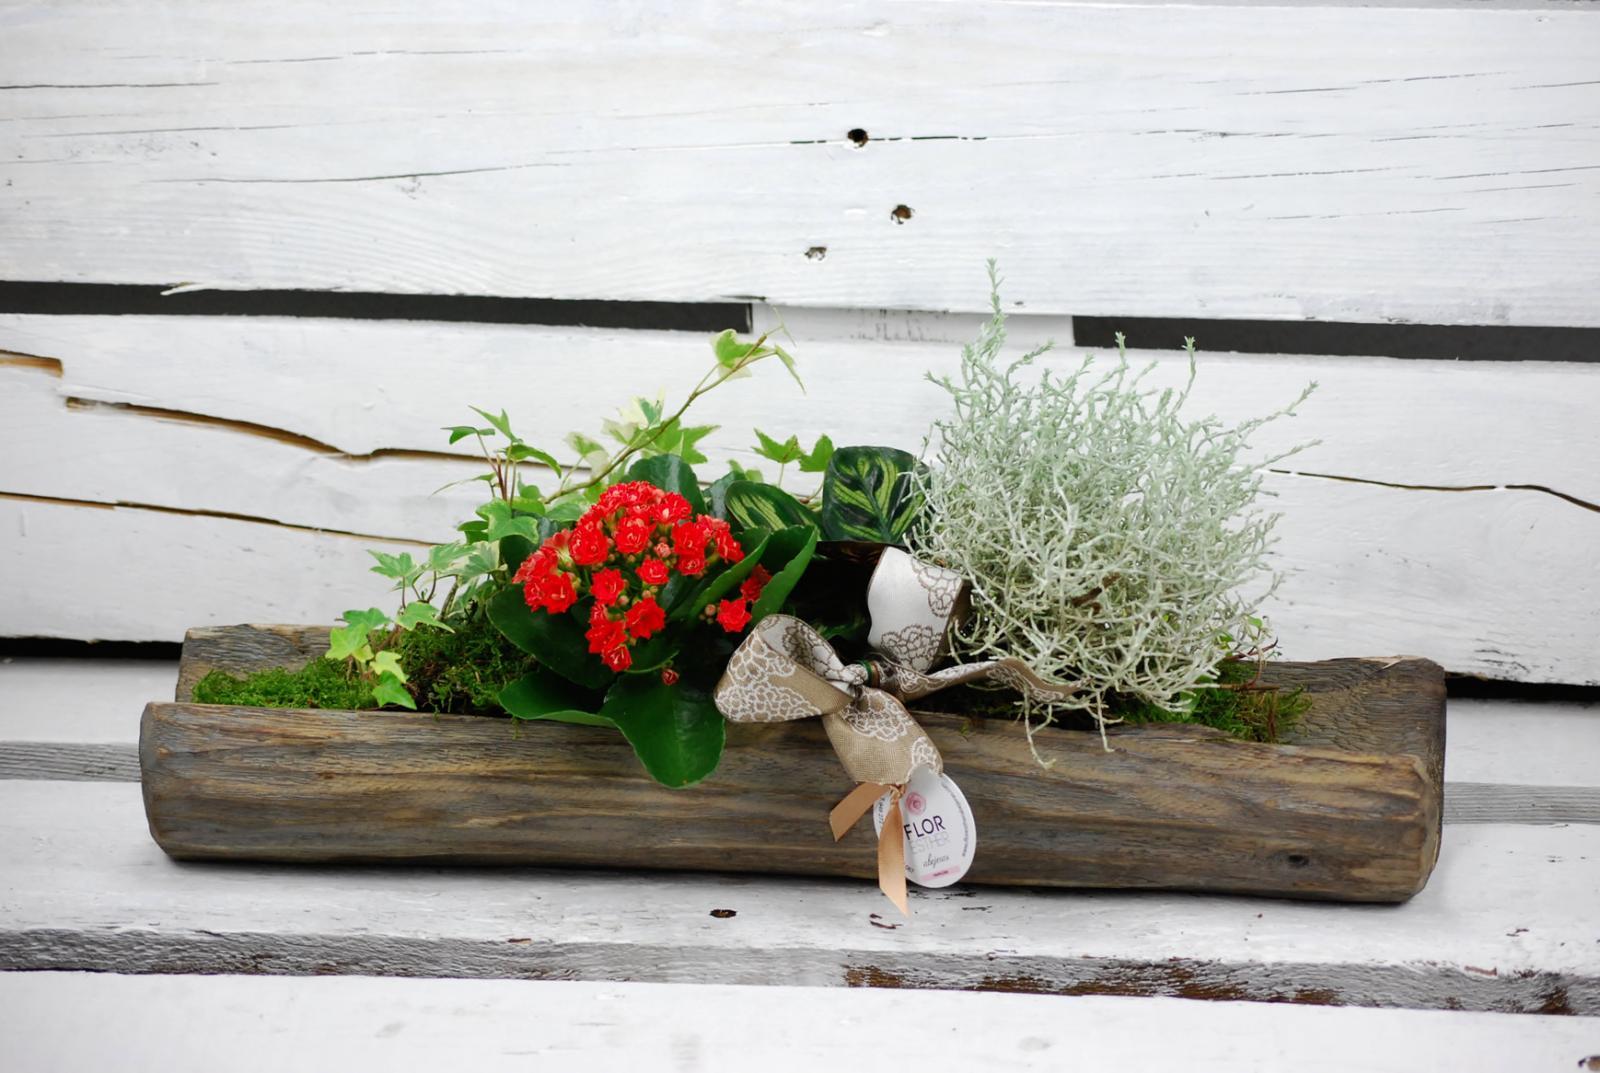 Composición vegetal sobre tronco de madera natural